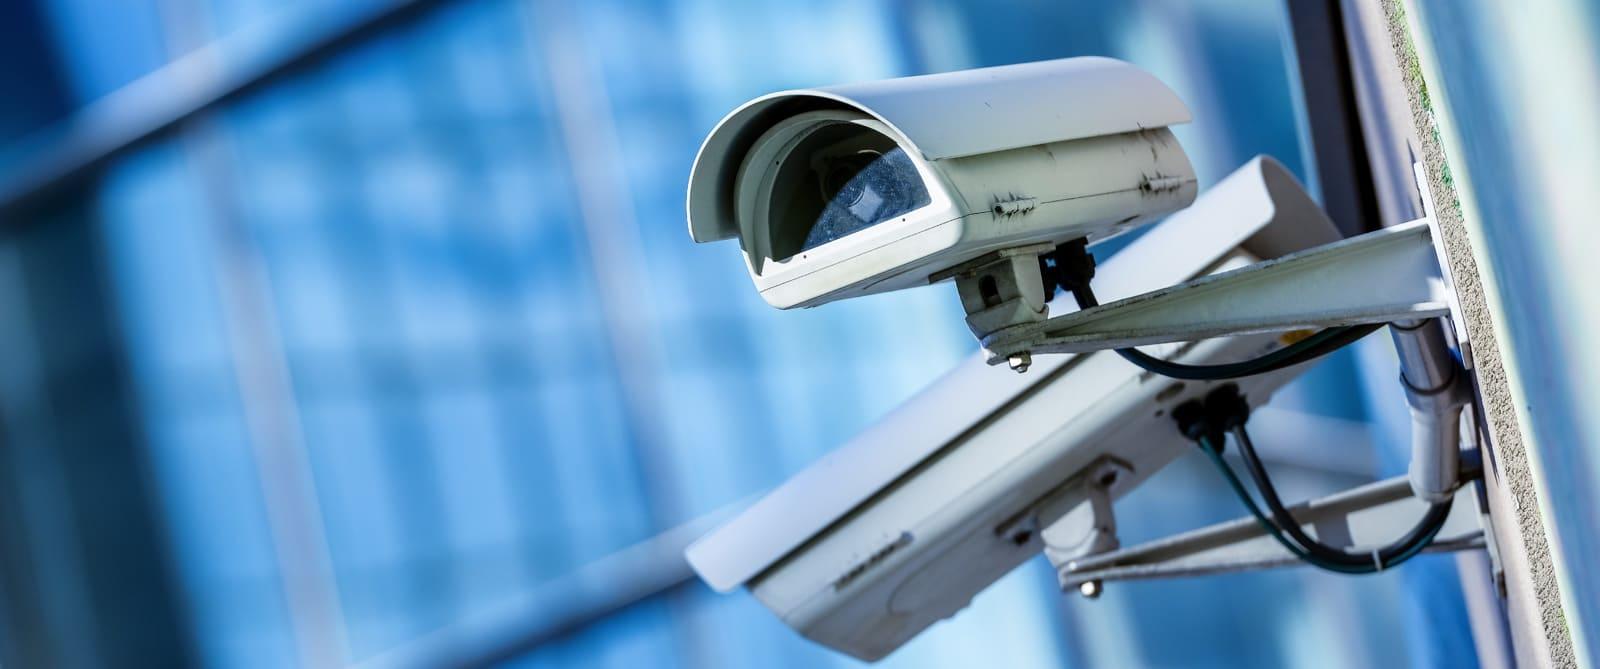 Видеонаблюдение за многоквартирным домом